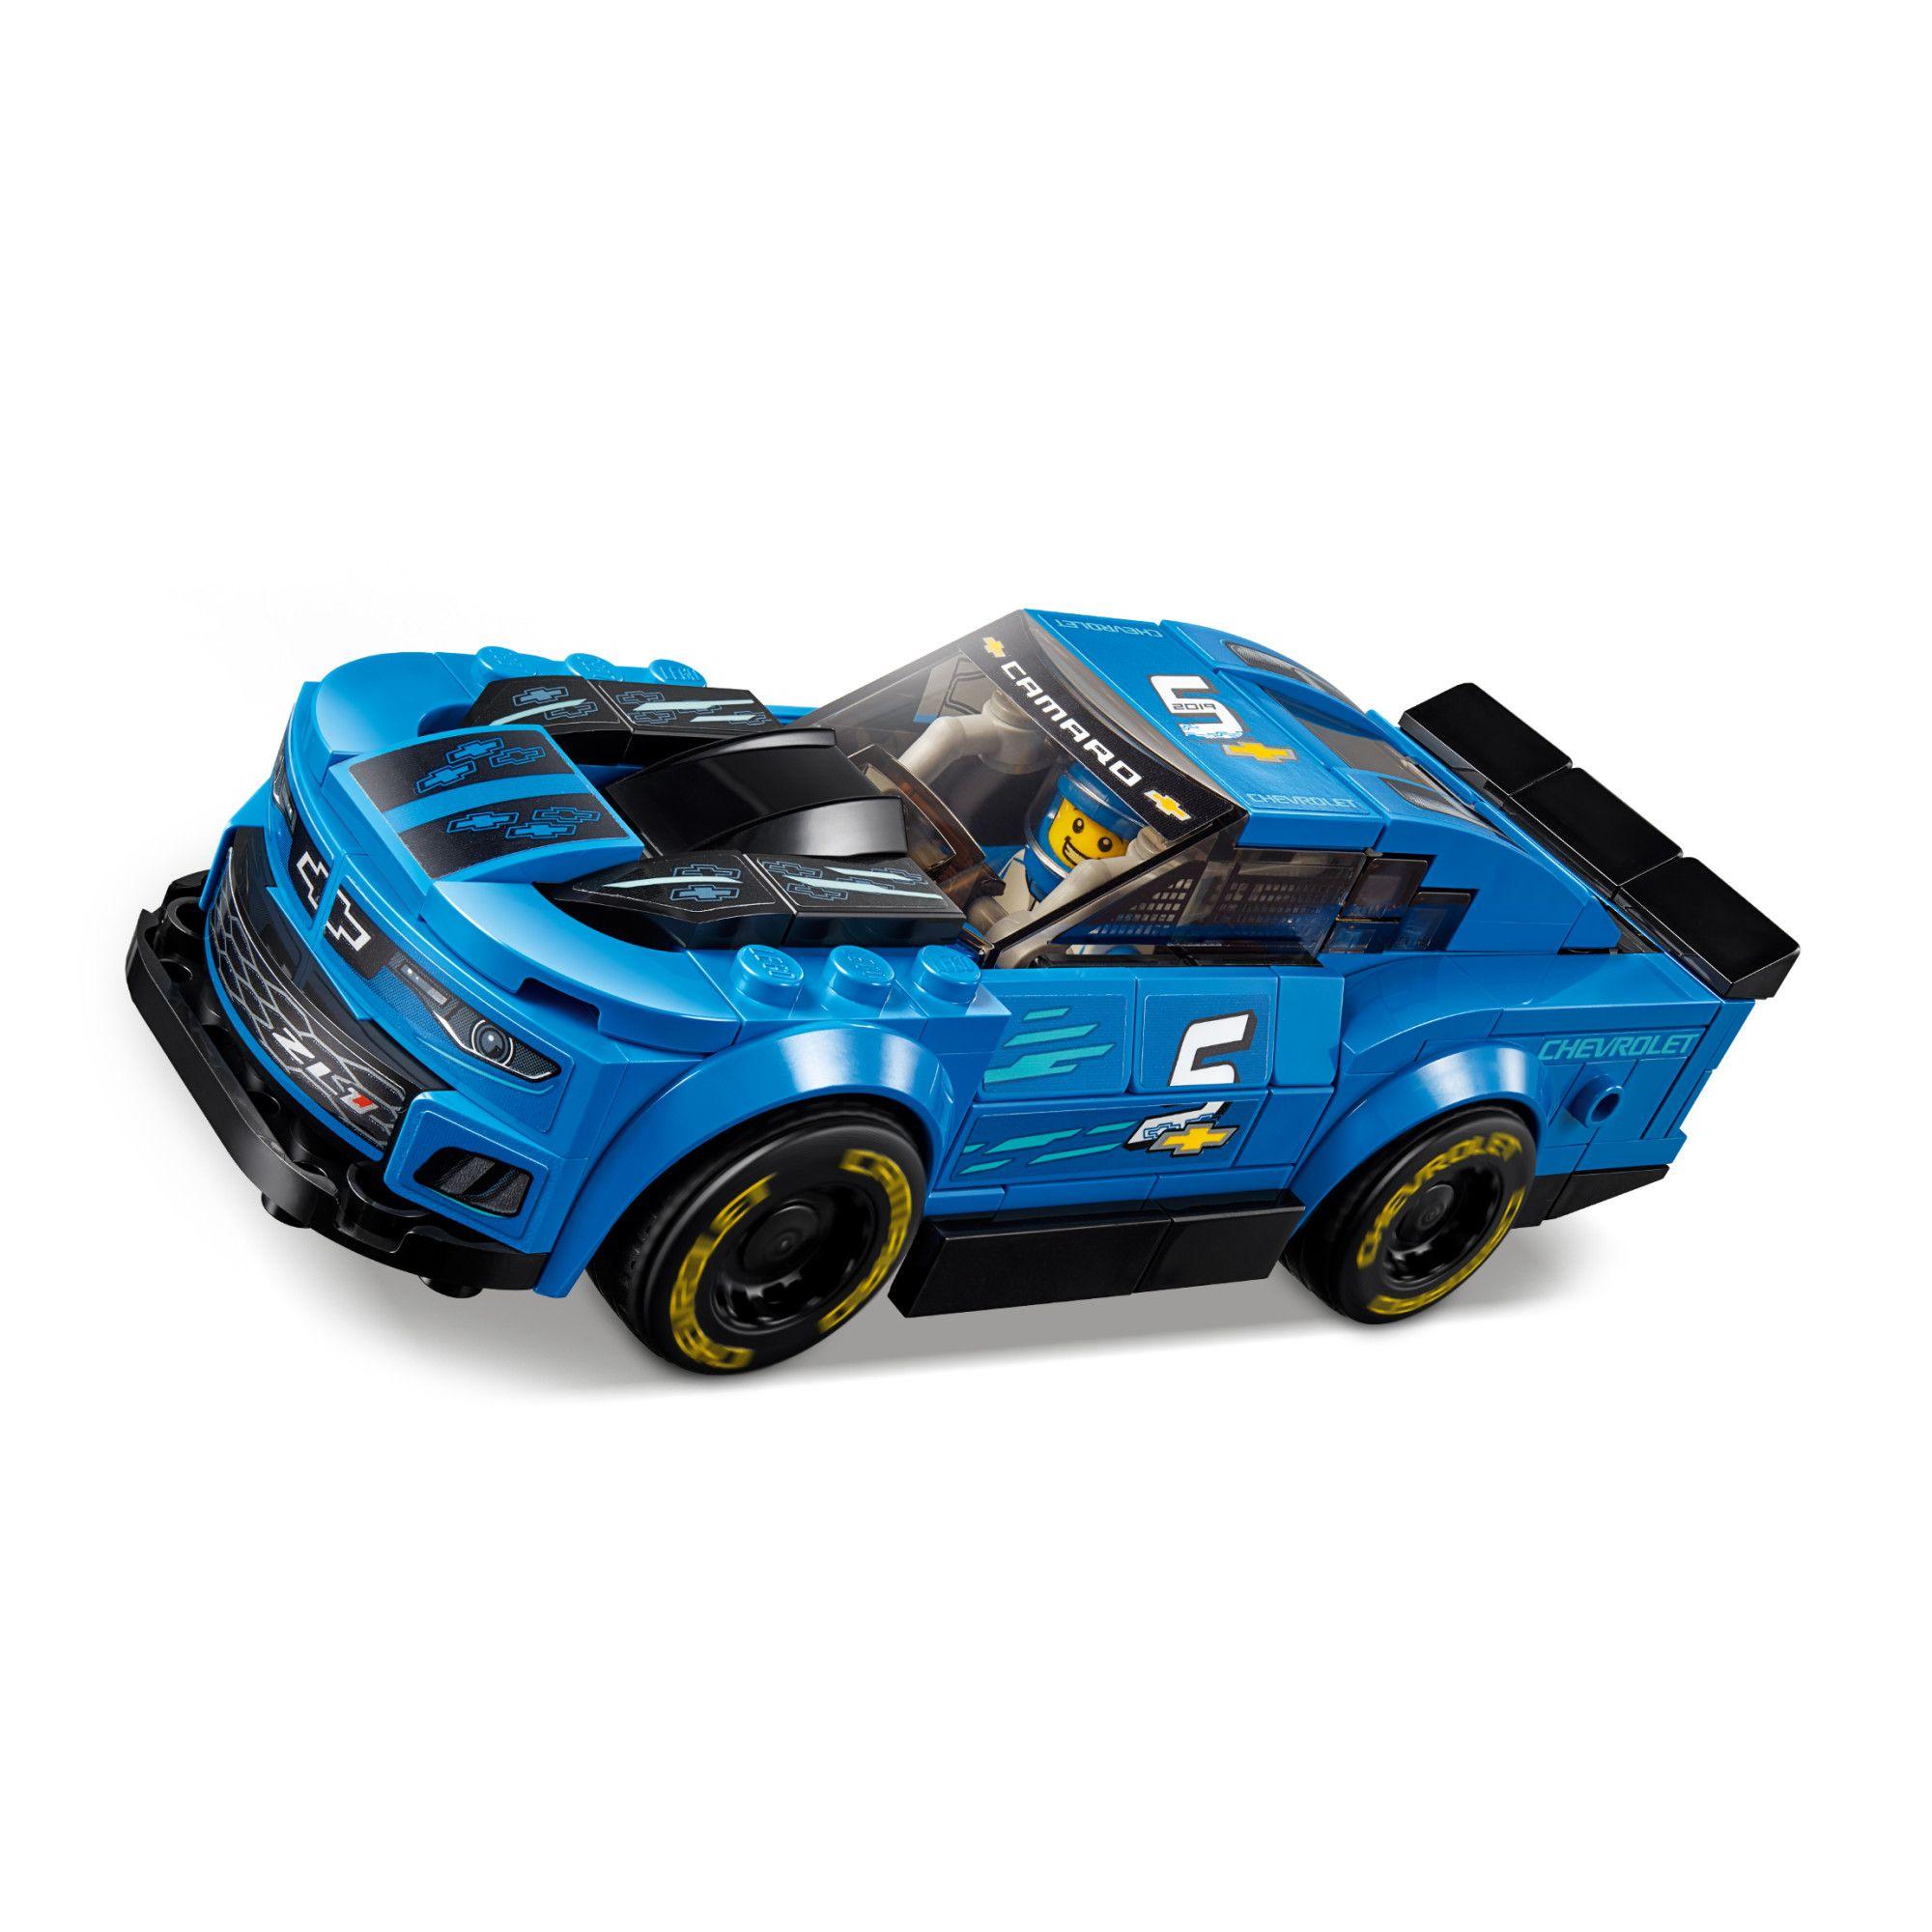 Masina de curse Chevrolet Camaro ZL1 (75891) | LEGO - 10